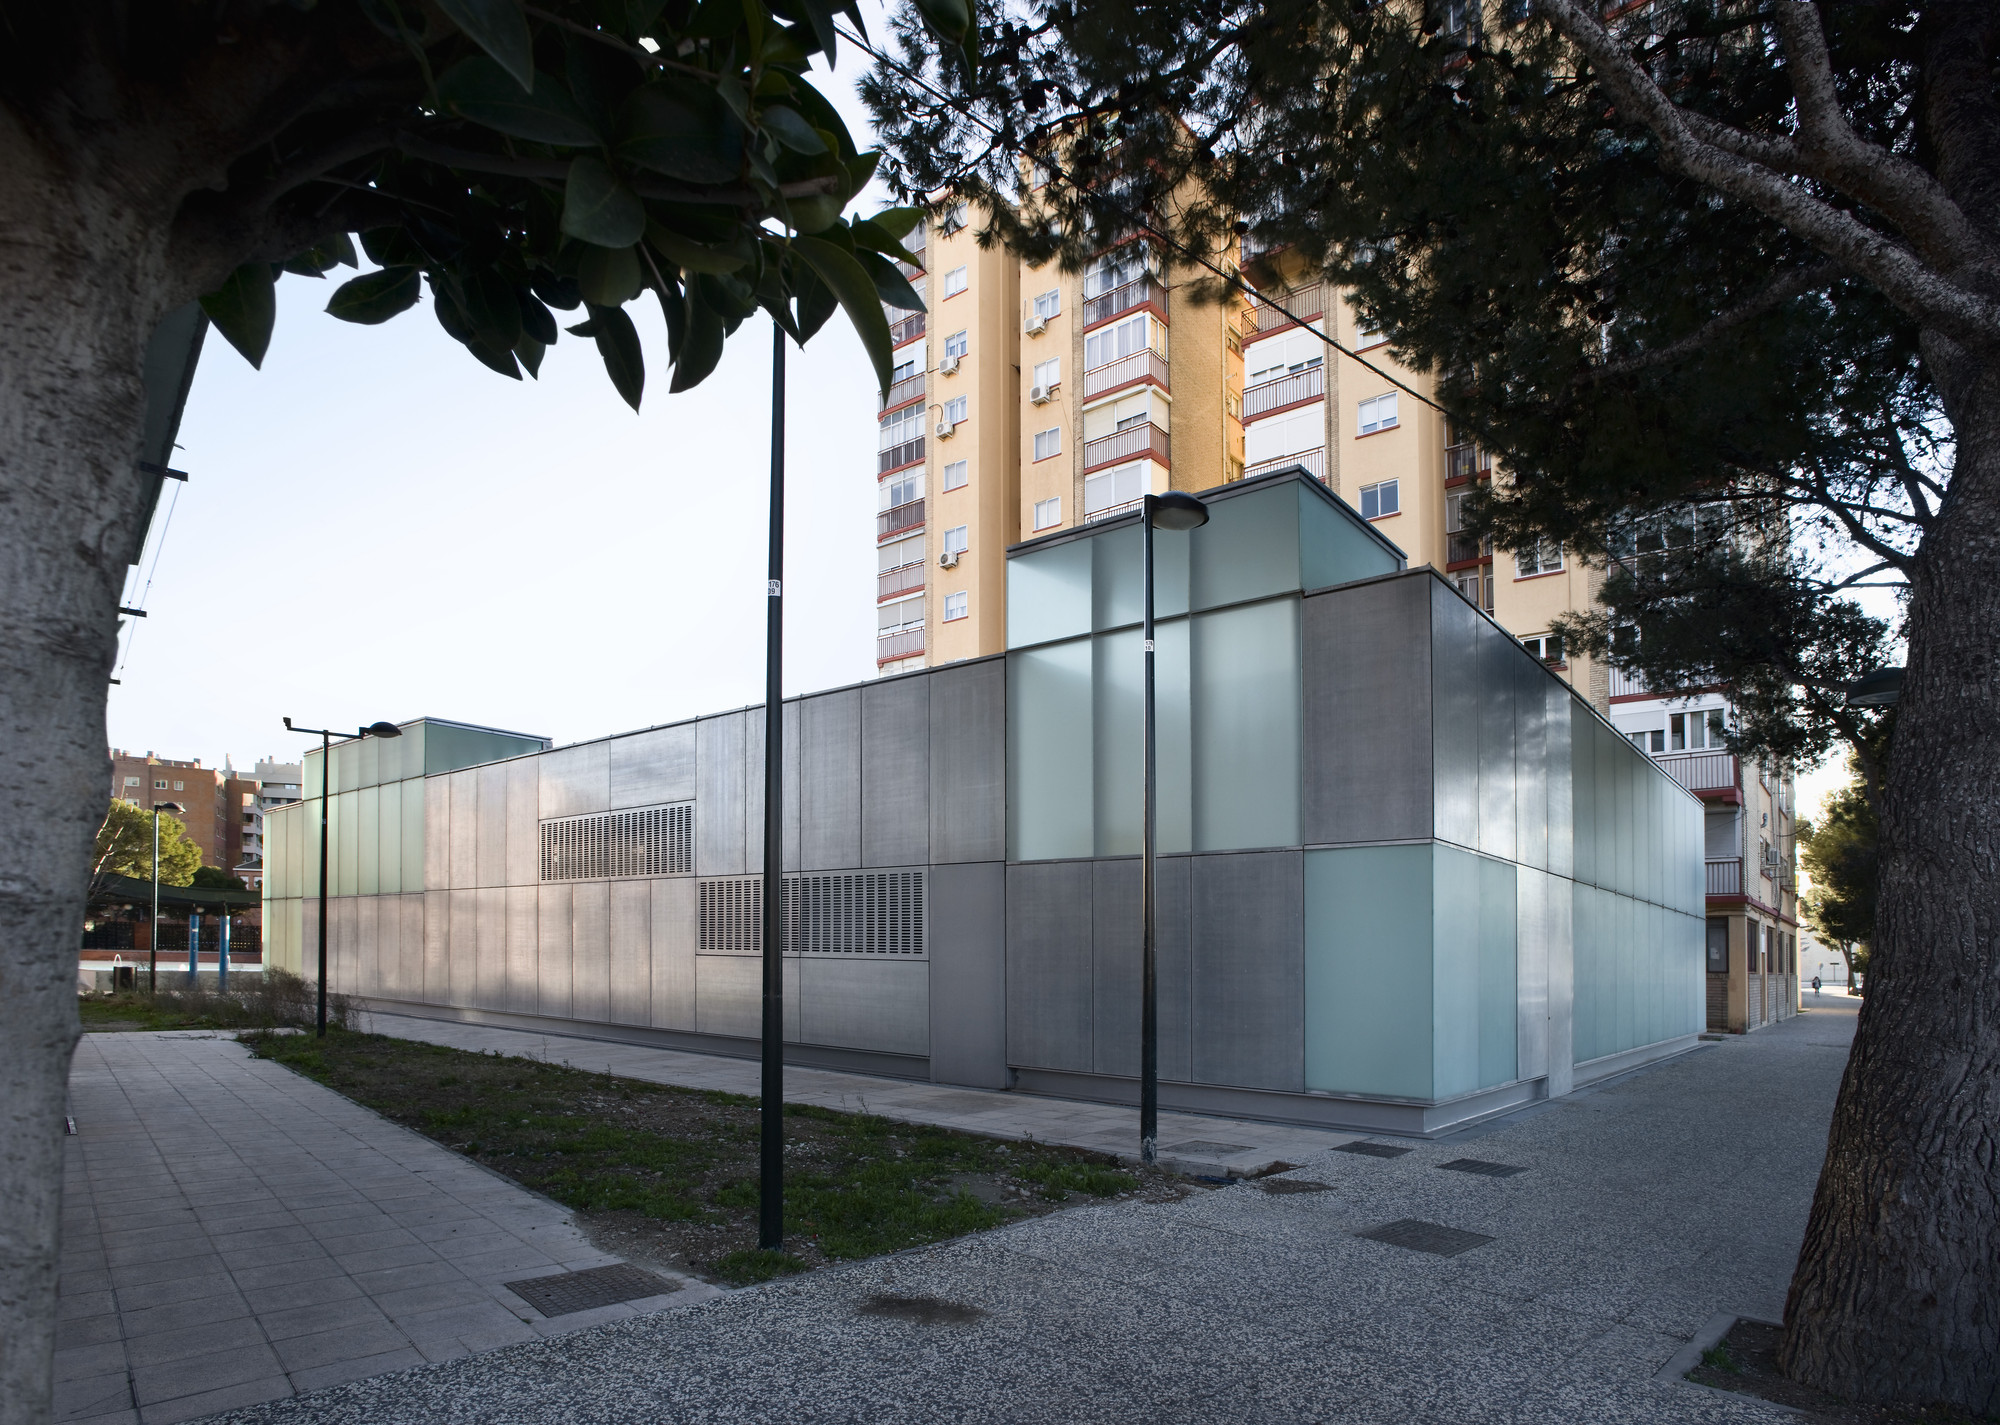 La Jota Cultural Center / Gbang, © Enric Duch